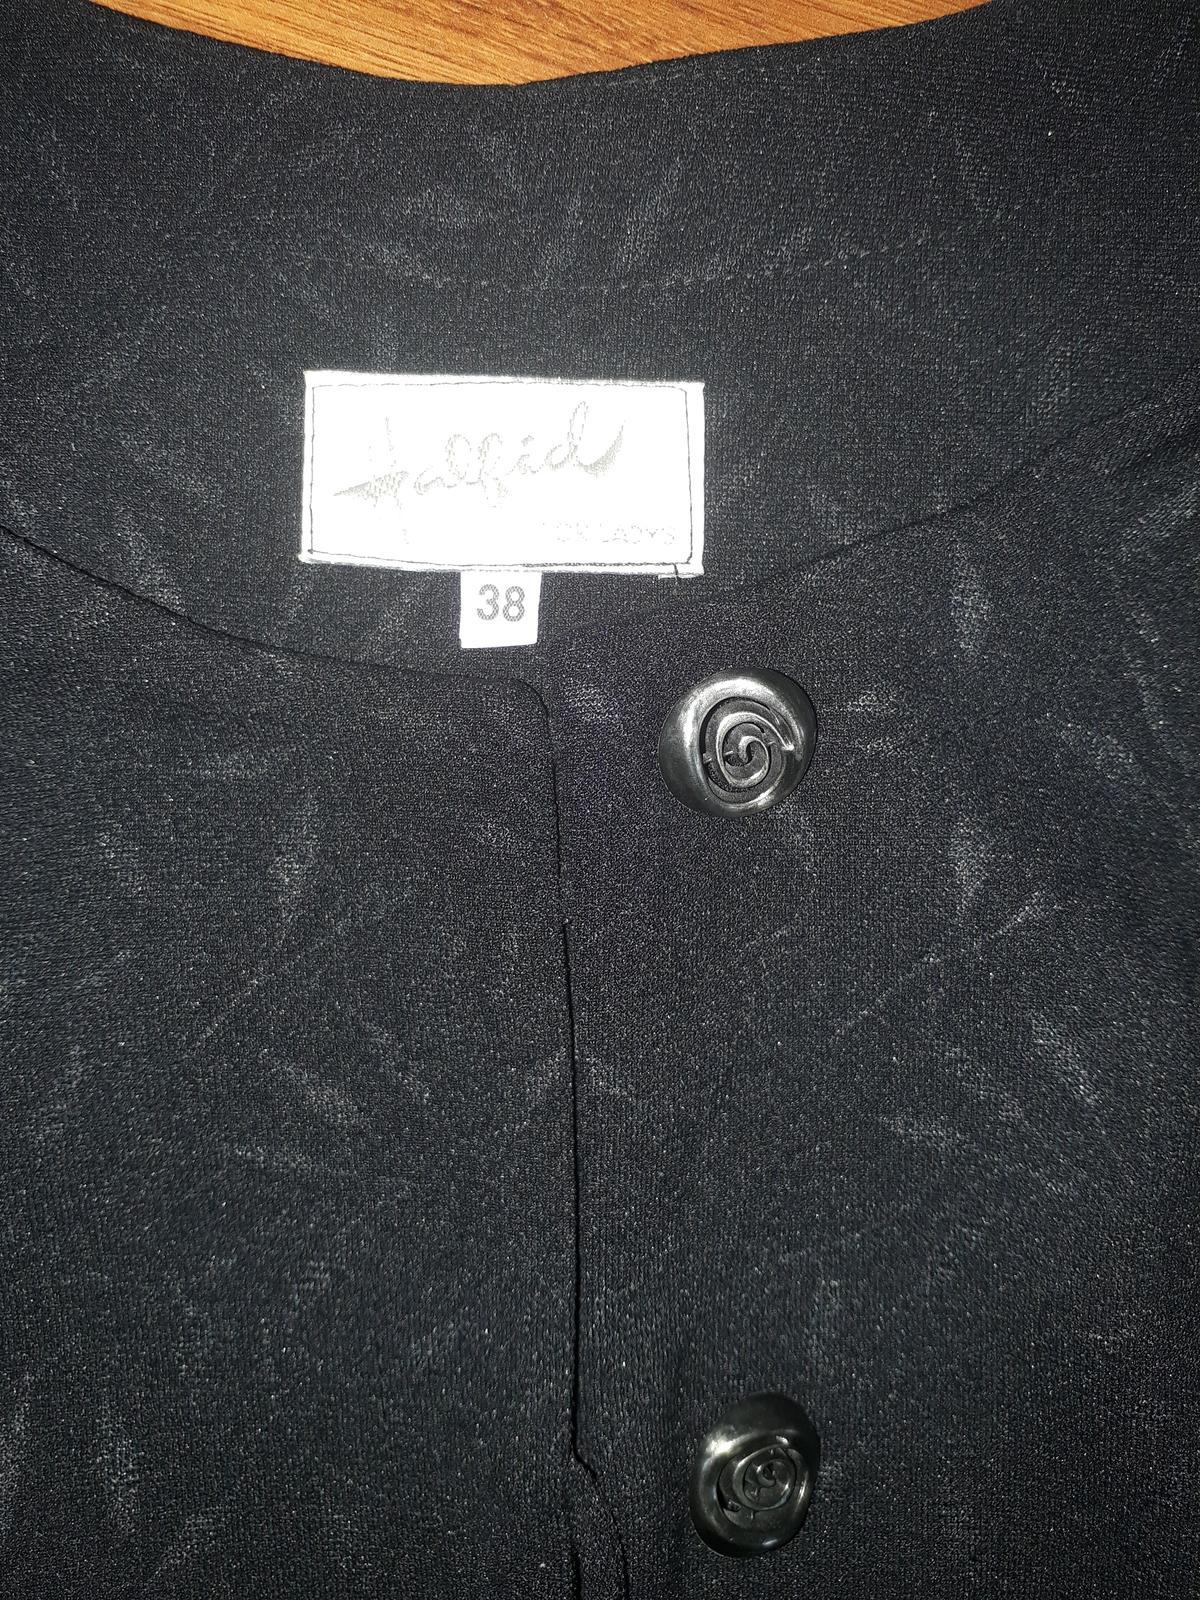 černý kabátek/sako se vzorem, vel 38 - Obrázek č. 2